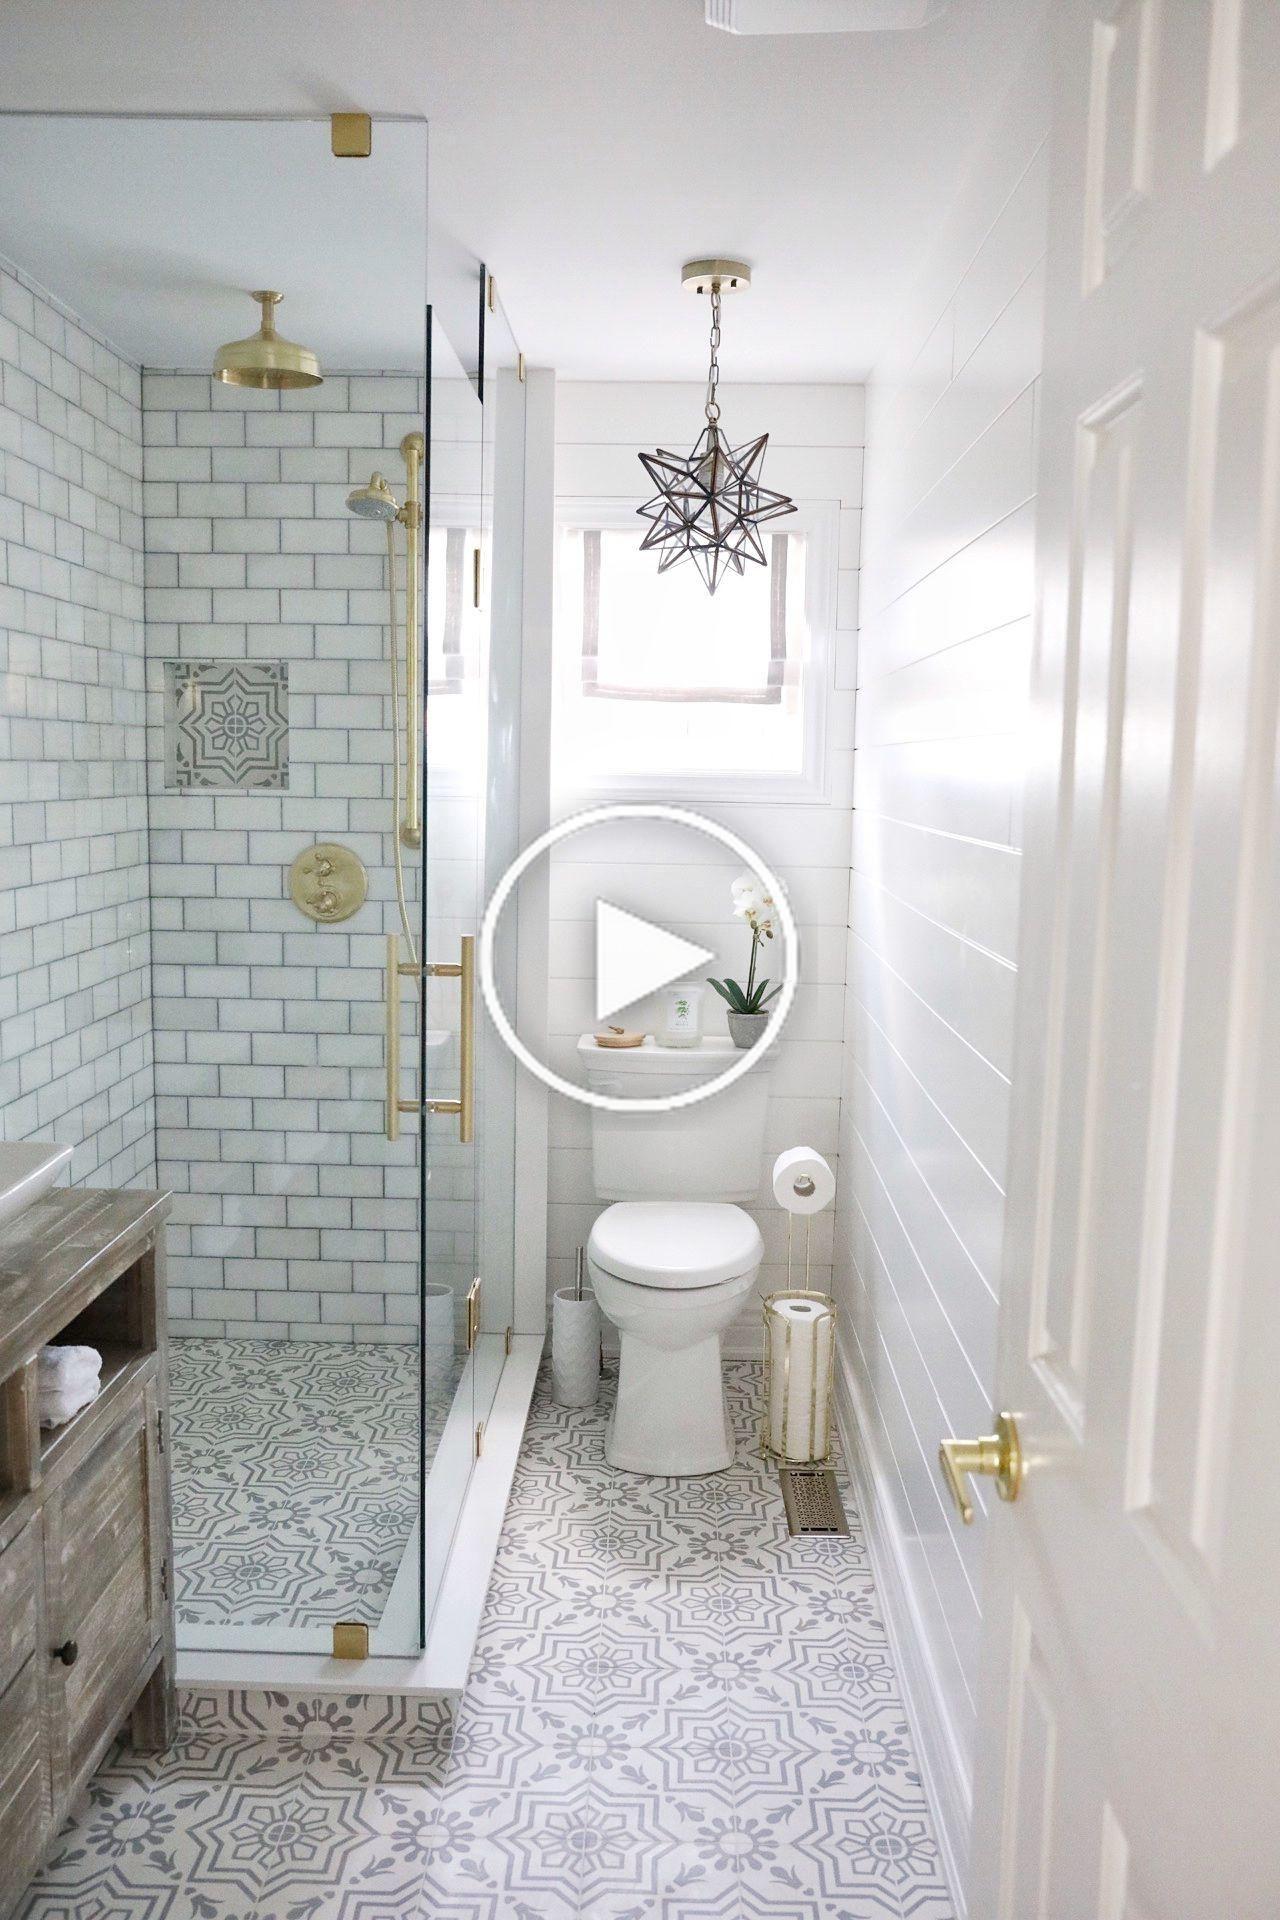 Un Relooking De Salle De Bain Tout Simplement Magnifique Small Bathroom Remodel Minimalist Small Bathrooms Small Bathroom Renovations Bathroom restoration ideas gif